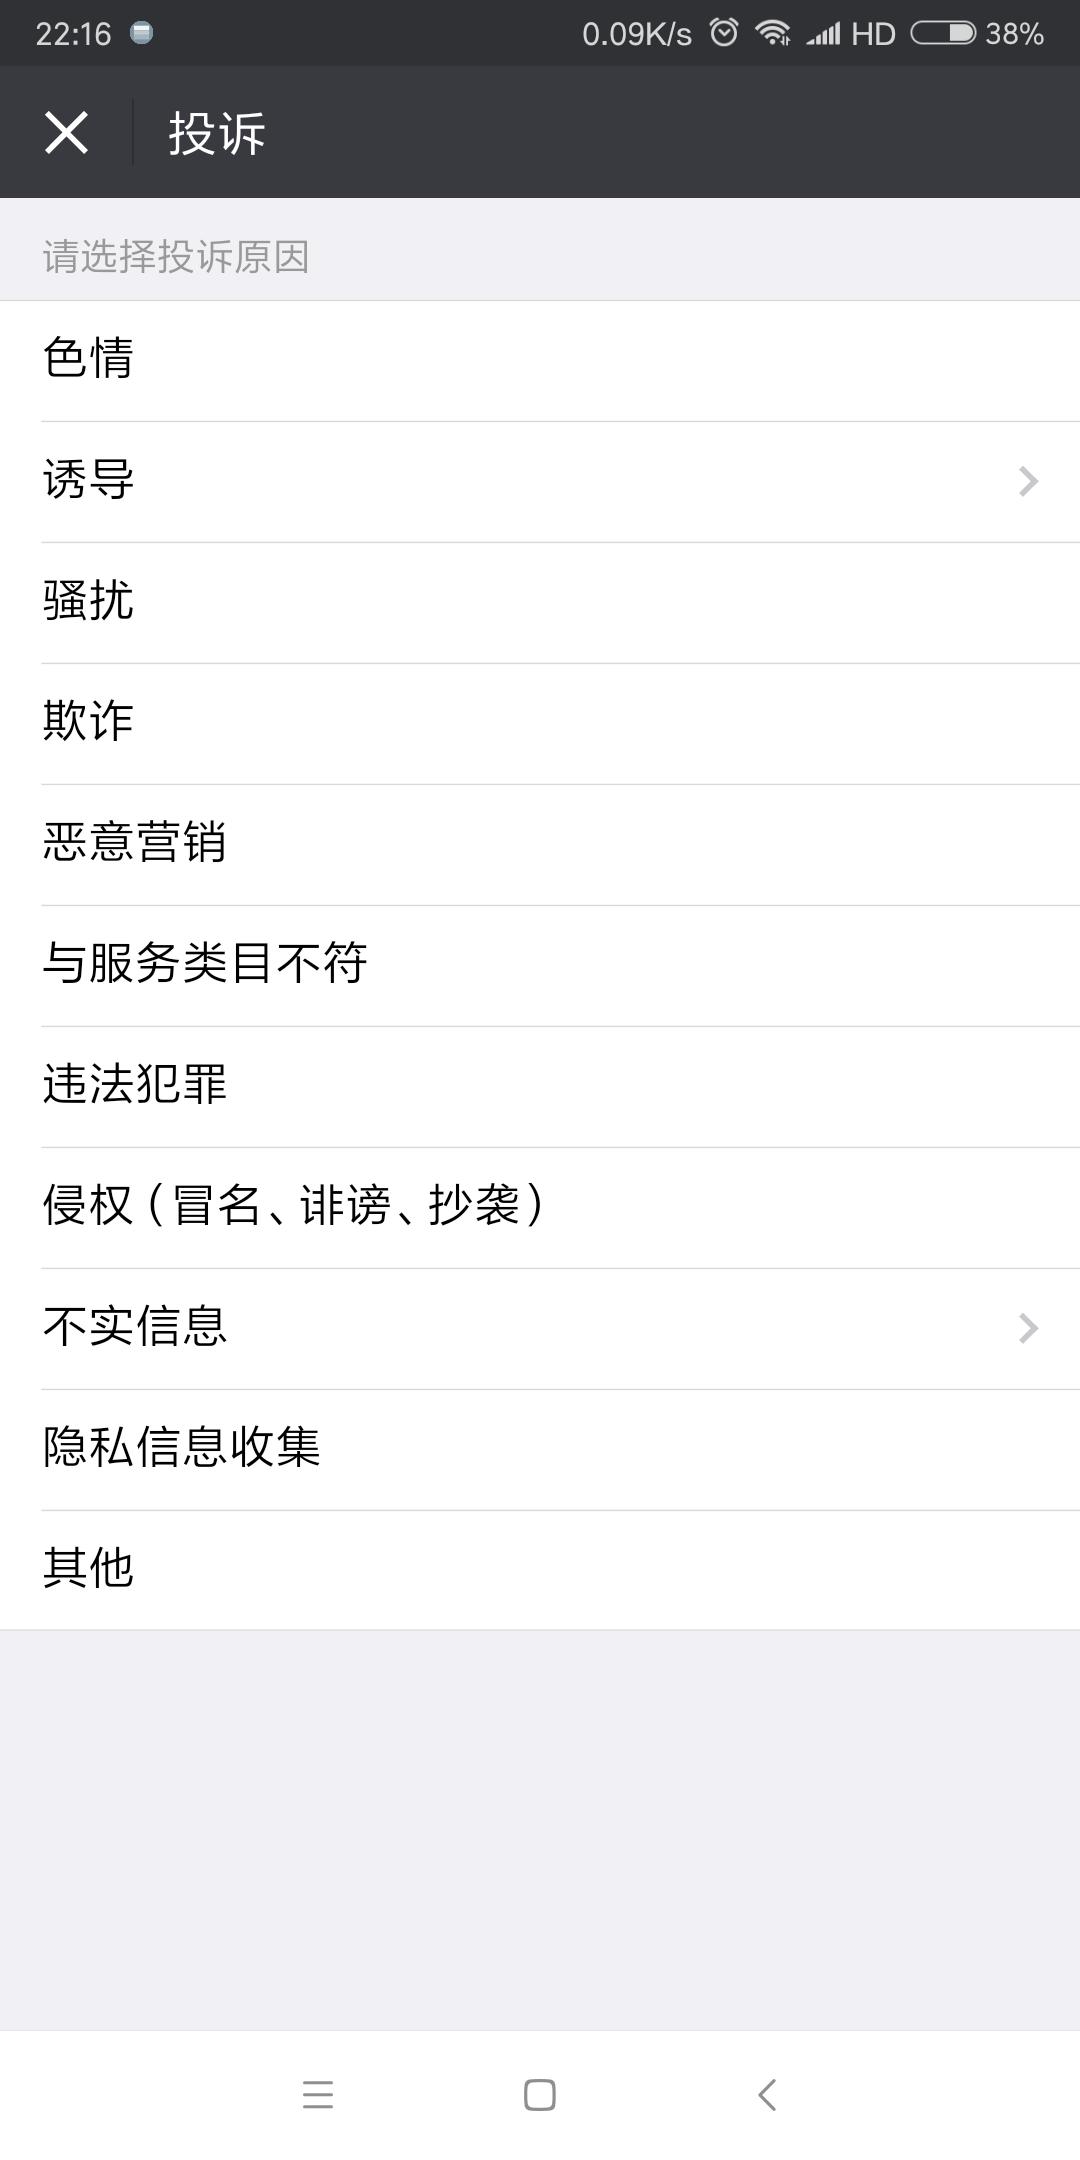 Screenshot_2018-03-26-22-16-29-757_com.tencent.mm.png